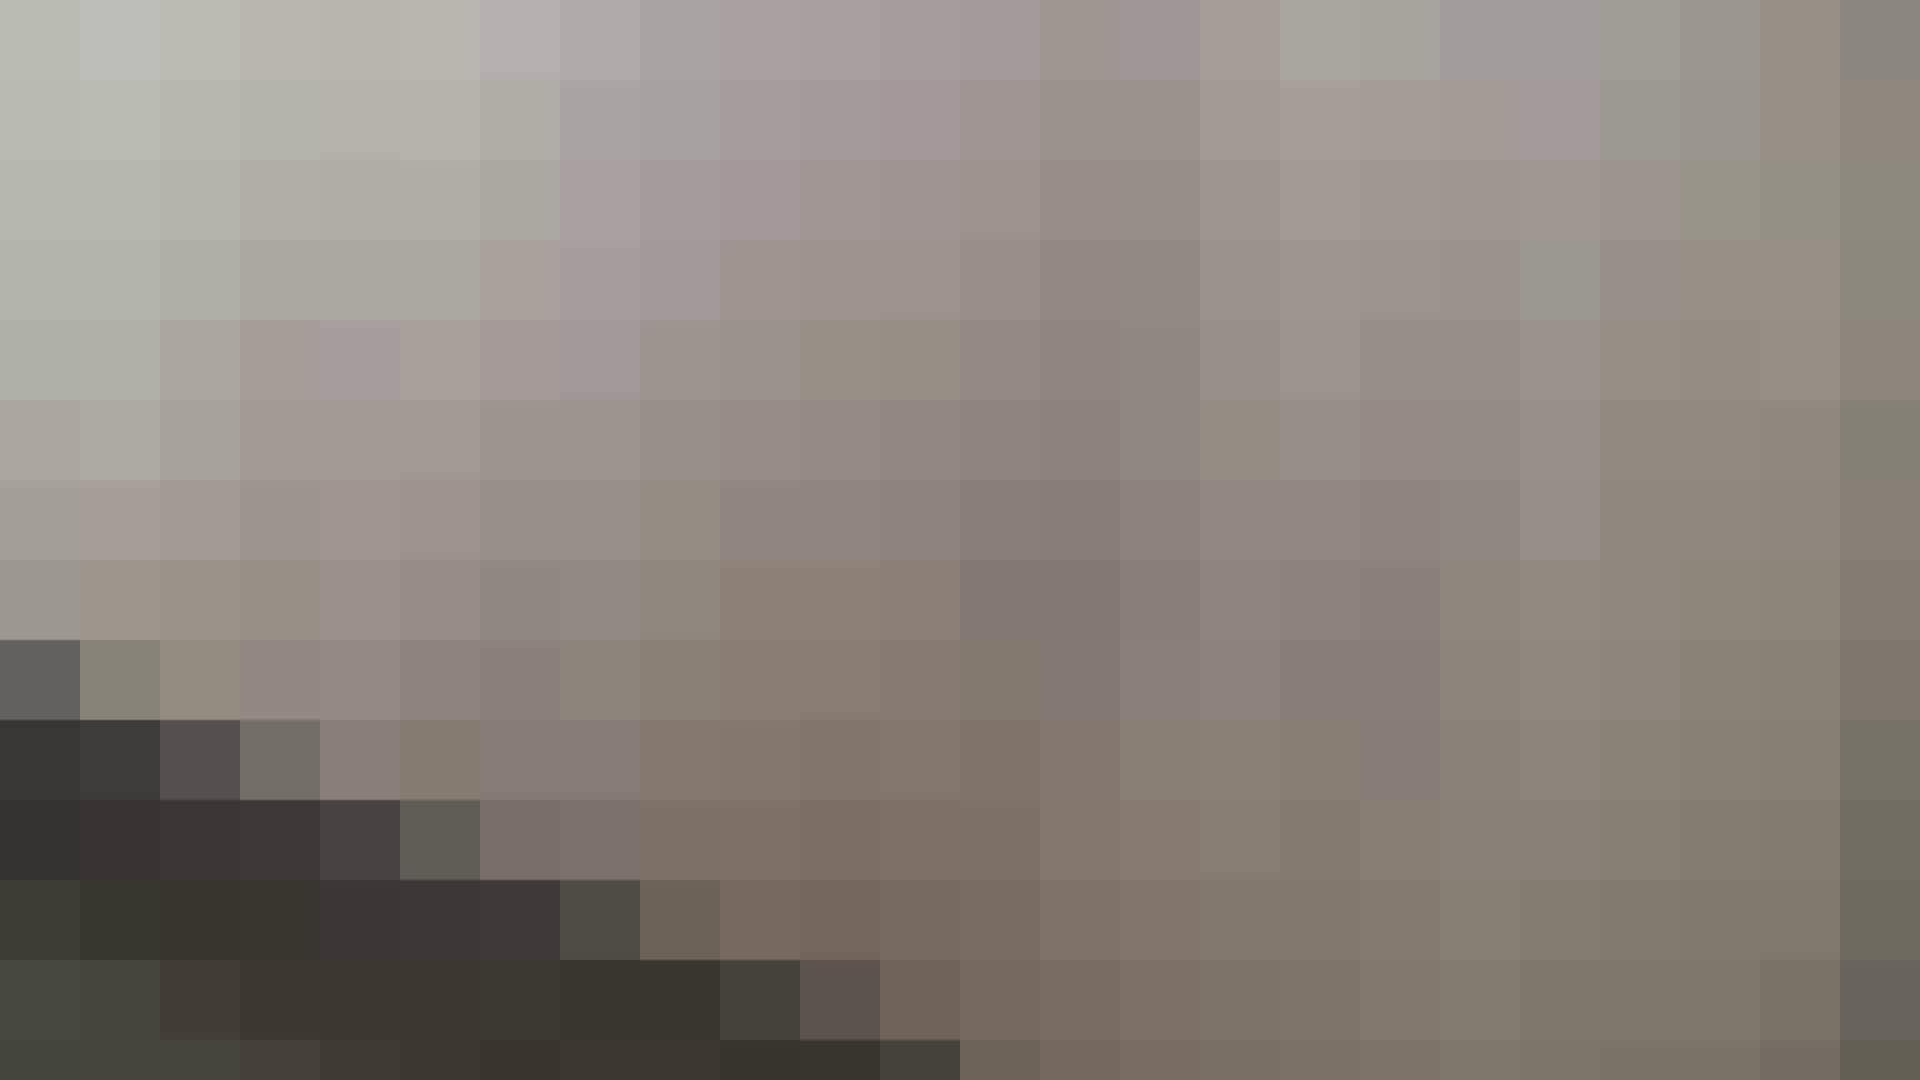 阿国ちゃんの「和式洋式七変化」No.16 和式便所 | 洗面所のぞき 盗撮 102枚 97